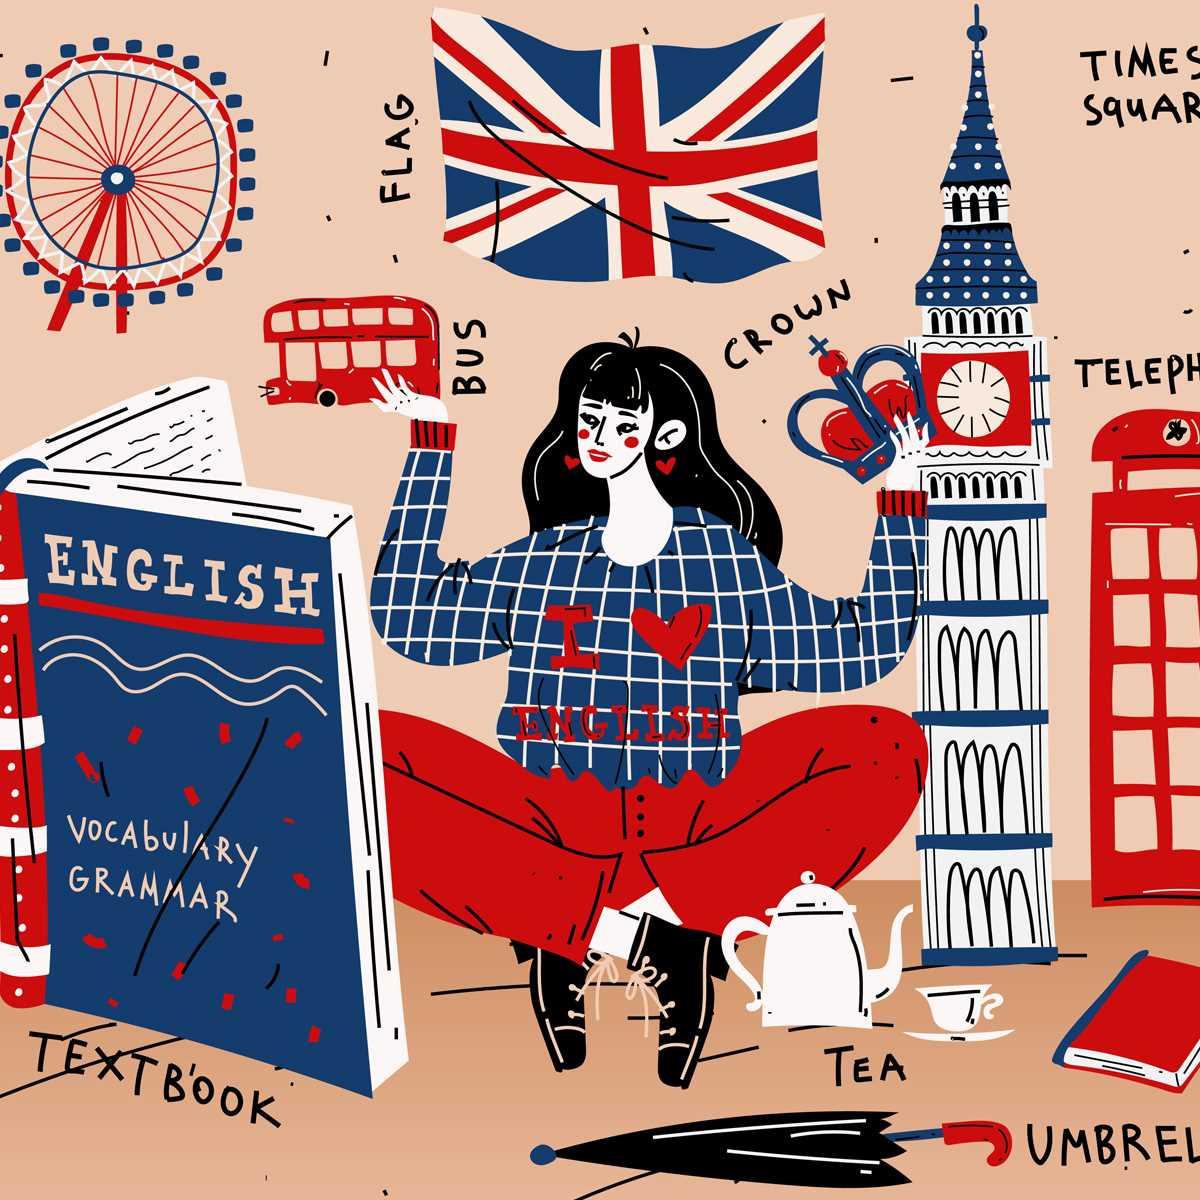 İş Yaşamında Sosyalleşme için İngilizce I English for Socialization in Business Life